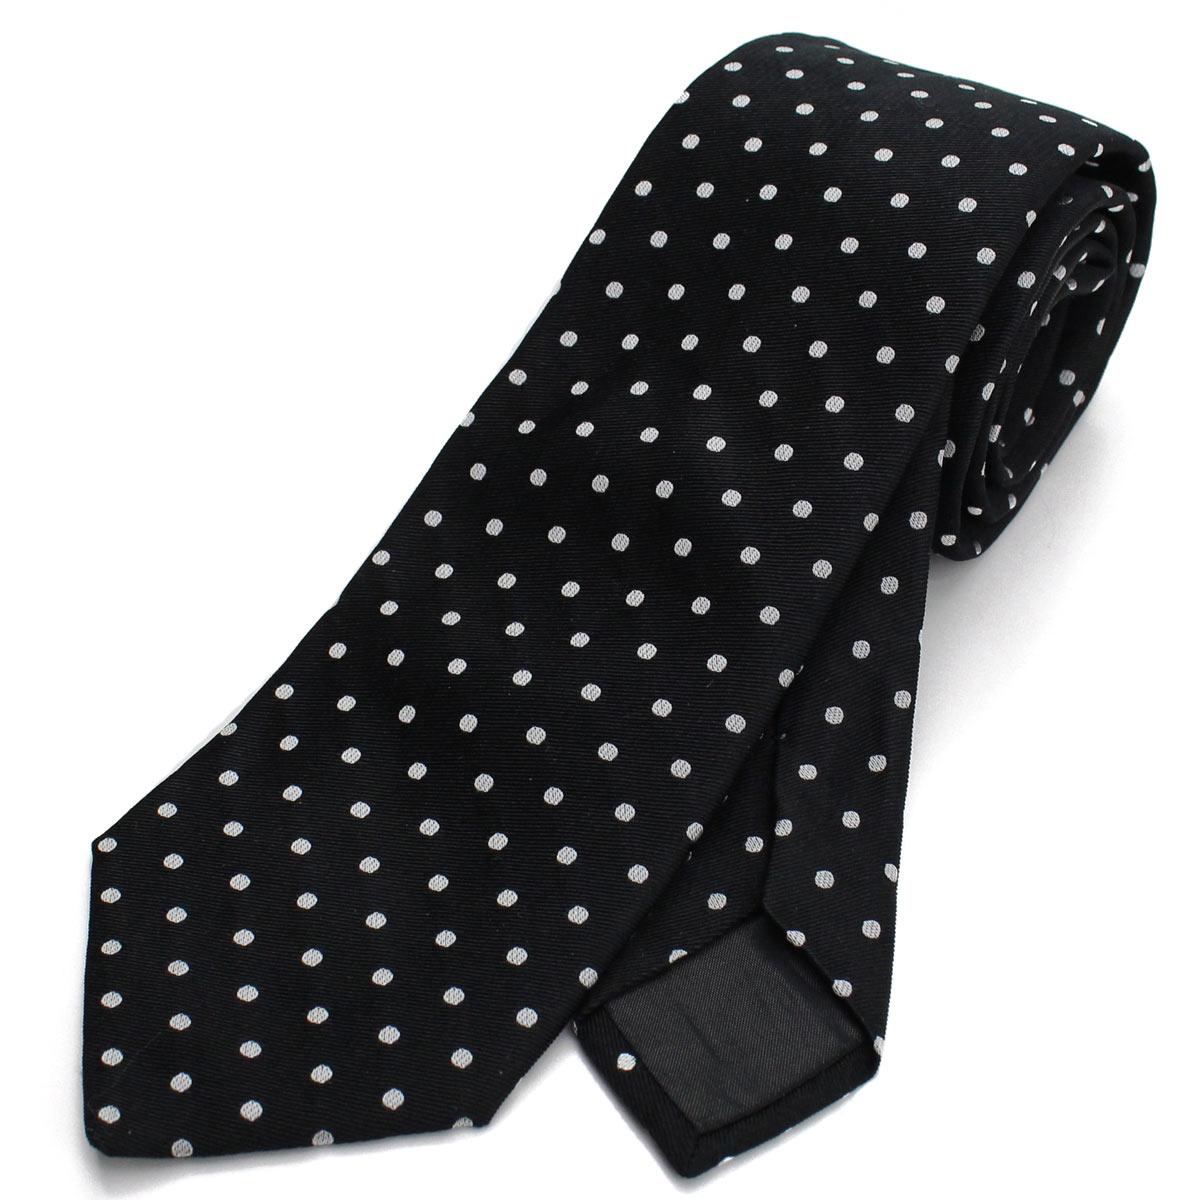 ランバン LANVIN ドット柄 ネクタイ 通常幅 レギュラータイ 2149/2 ブラック メンズ【キャッシュレス 5% 還元】